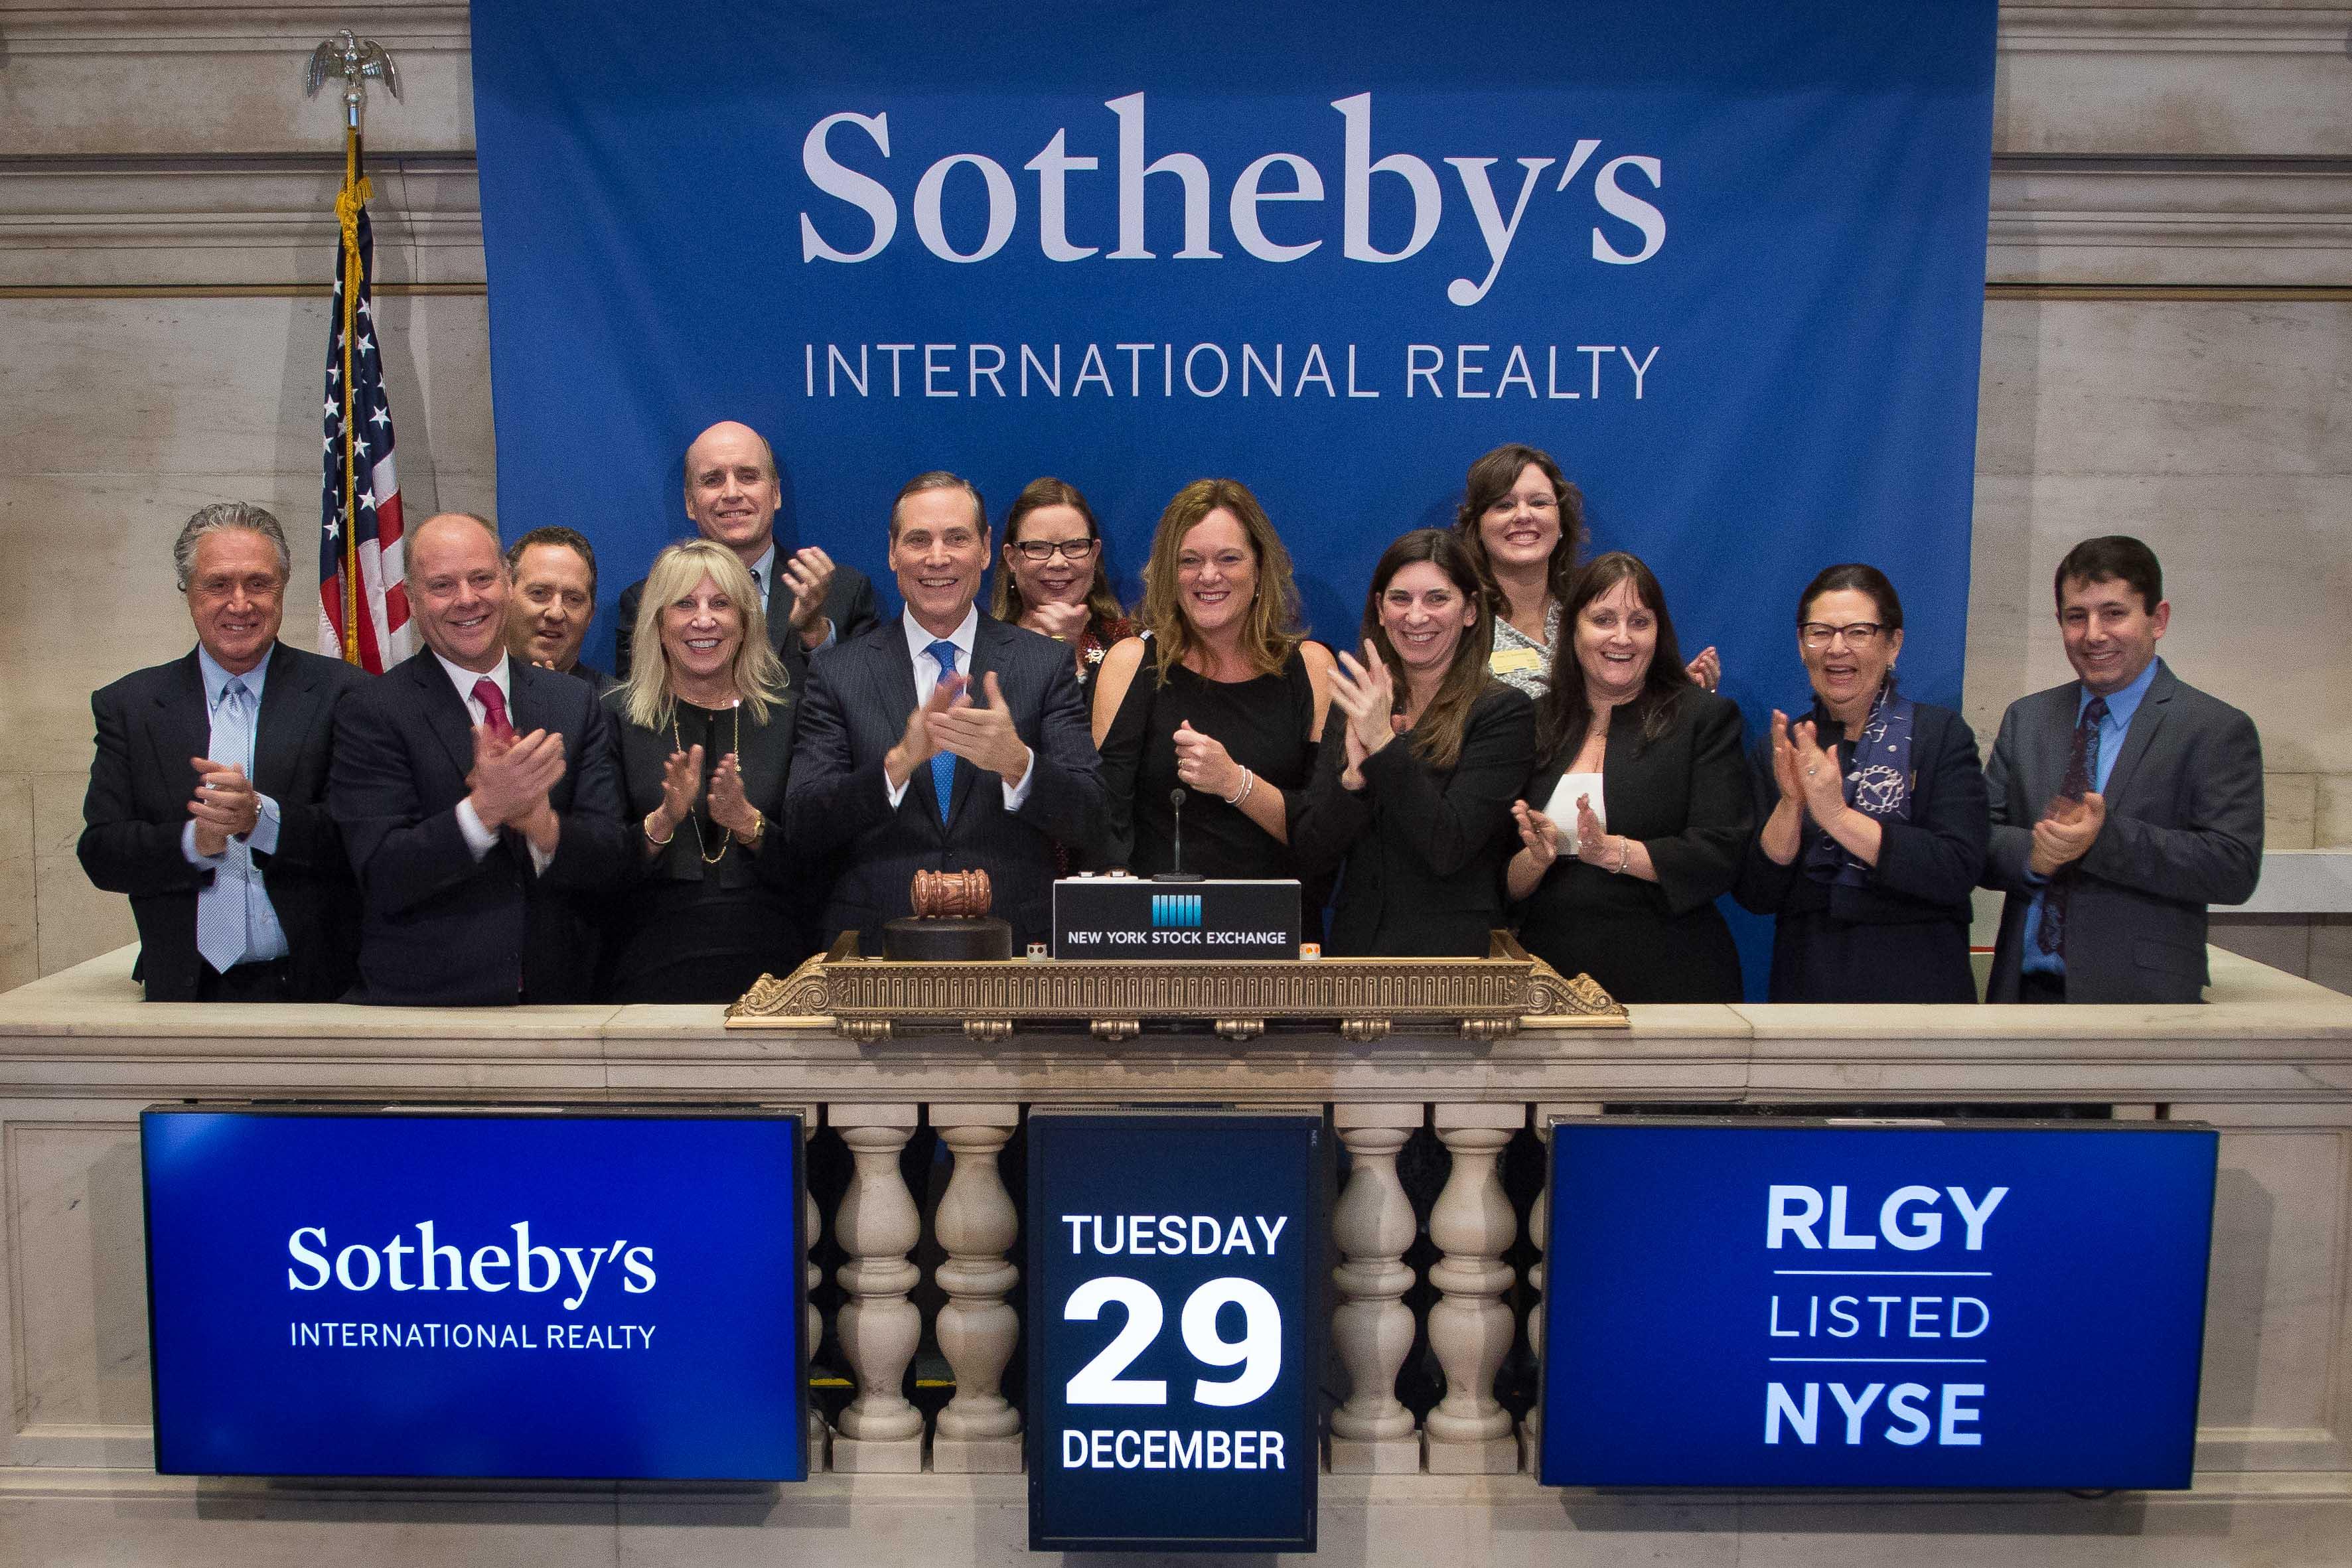 Sothebys-Realty-at-NYSE